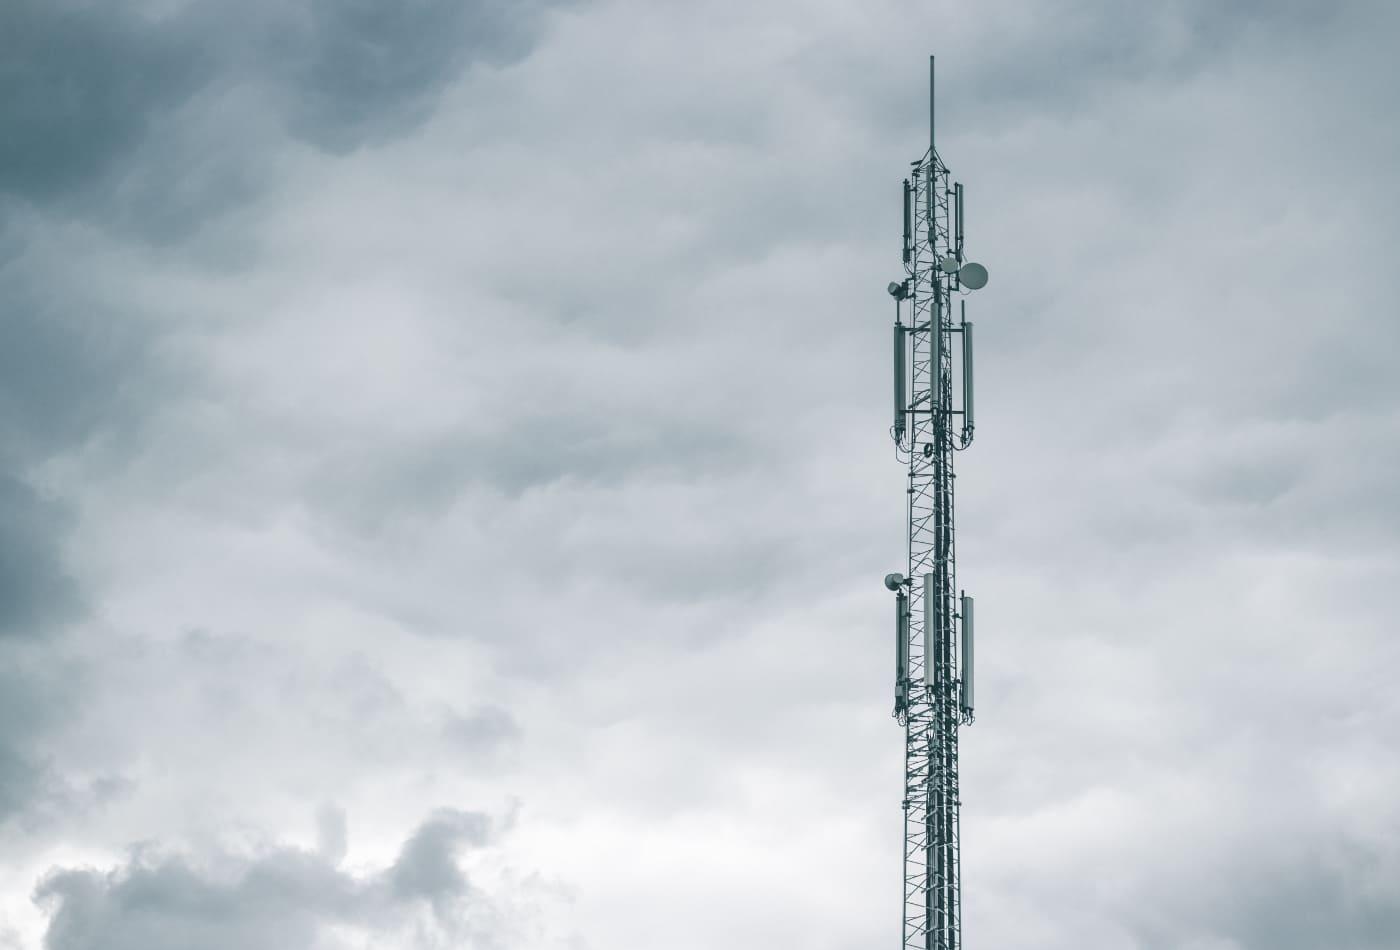 Funkmast mit dunklen Wolken im Hintergrund; Telekommunikation